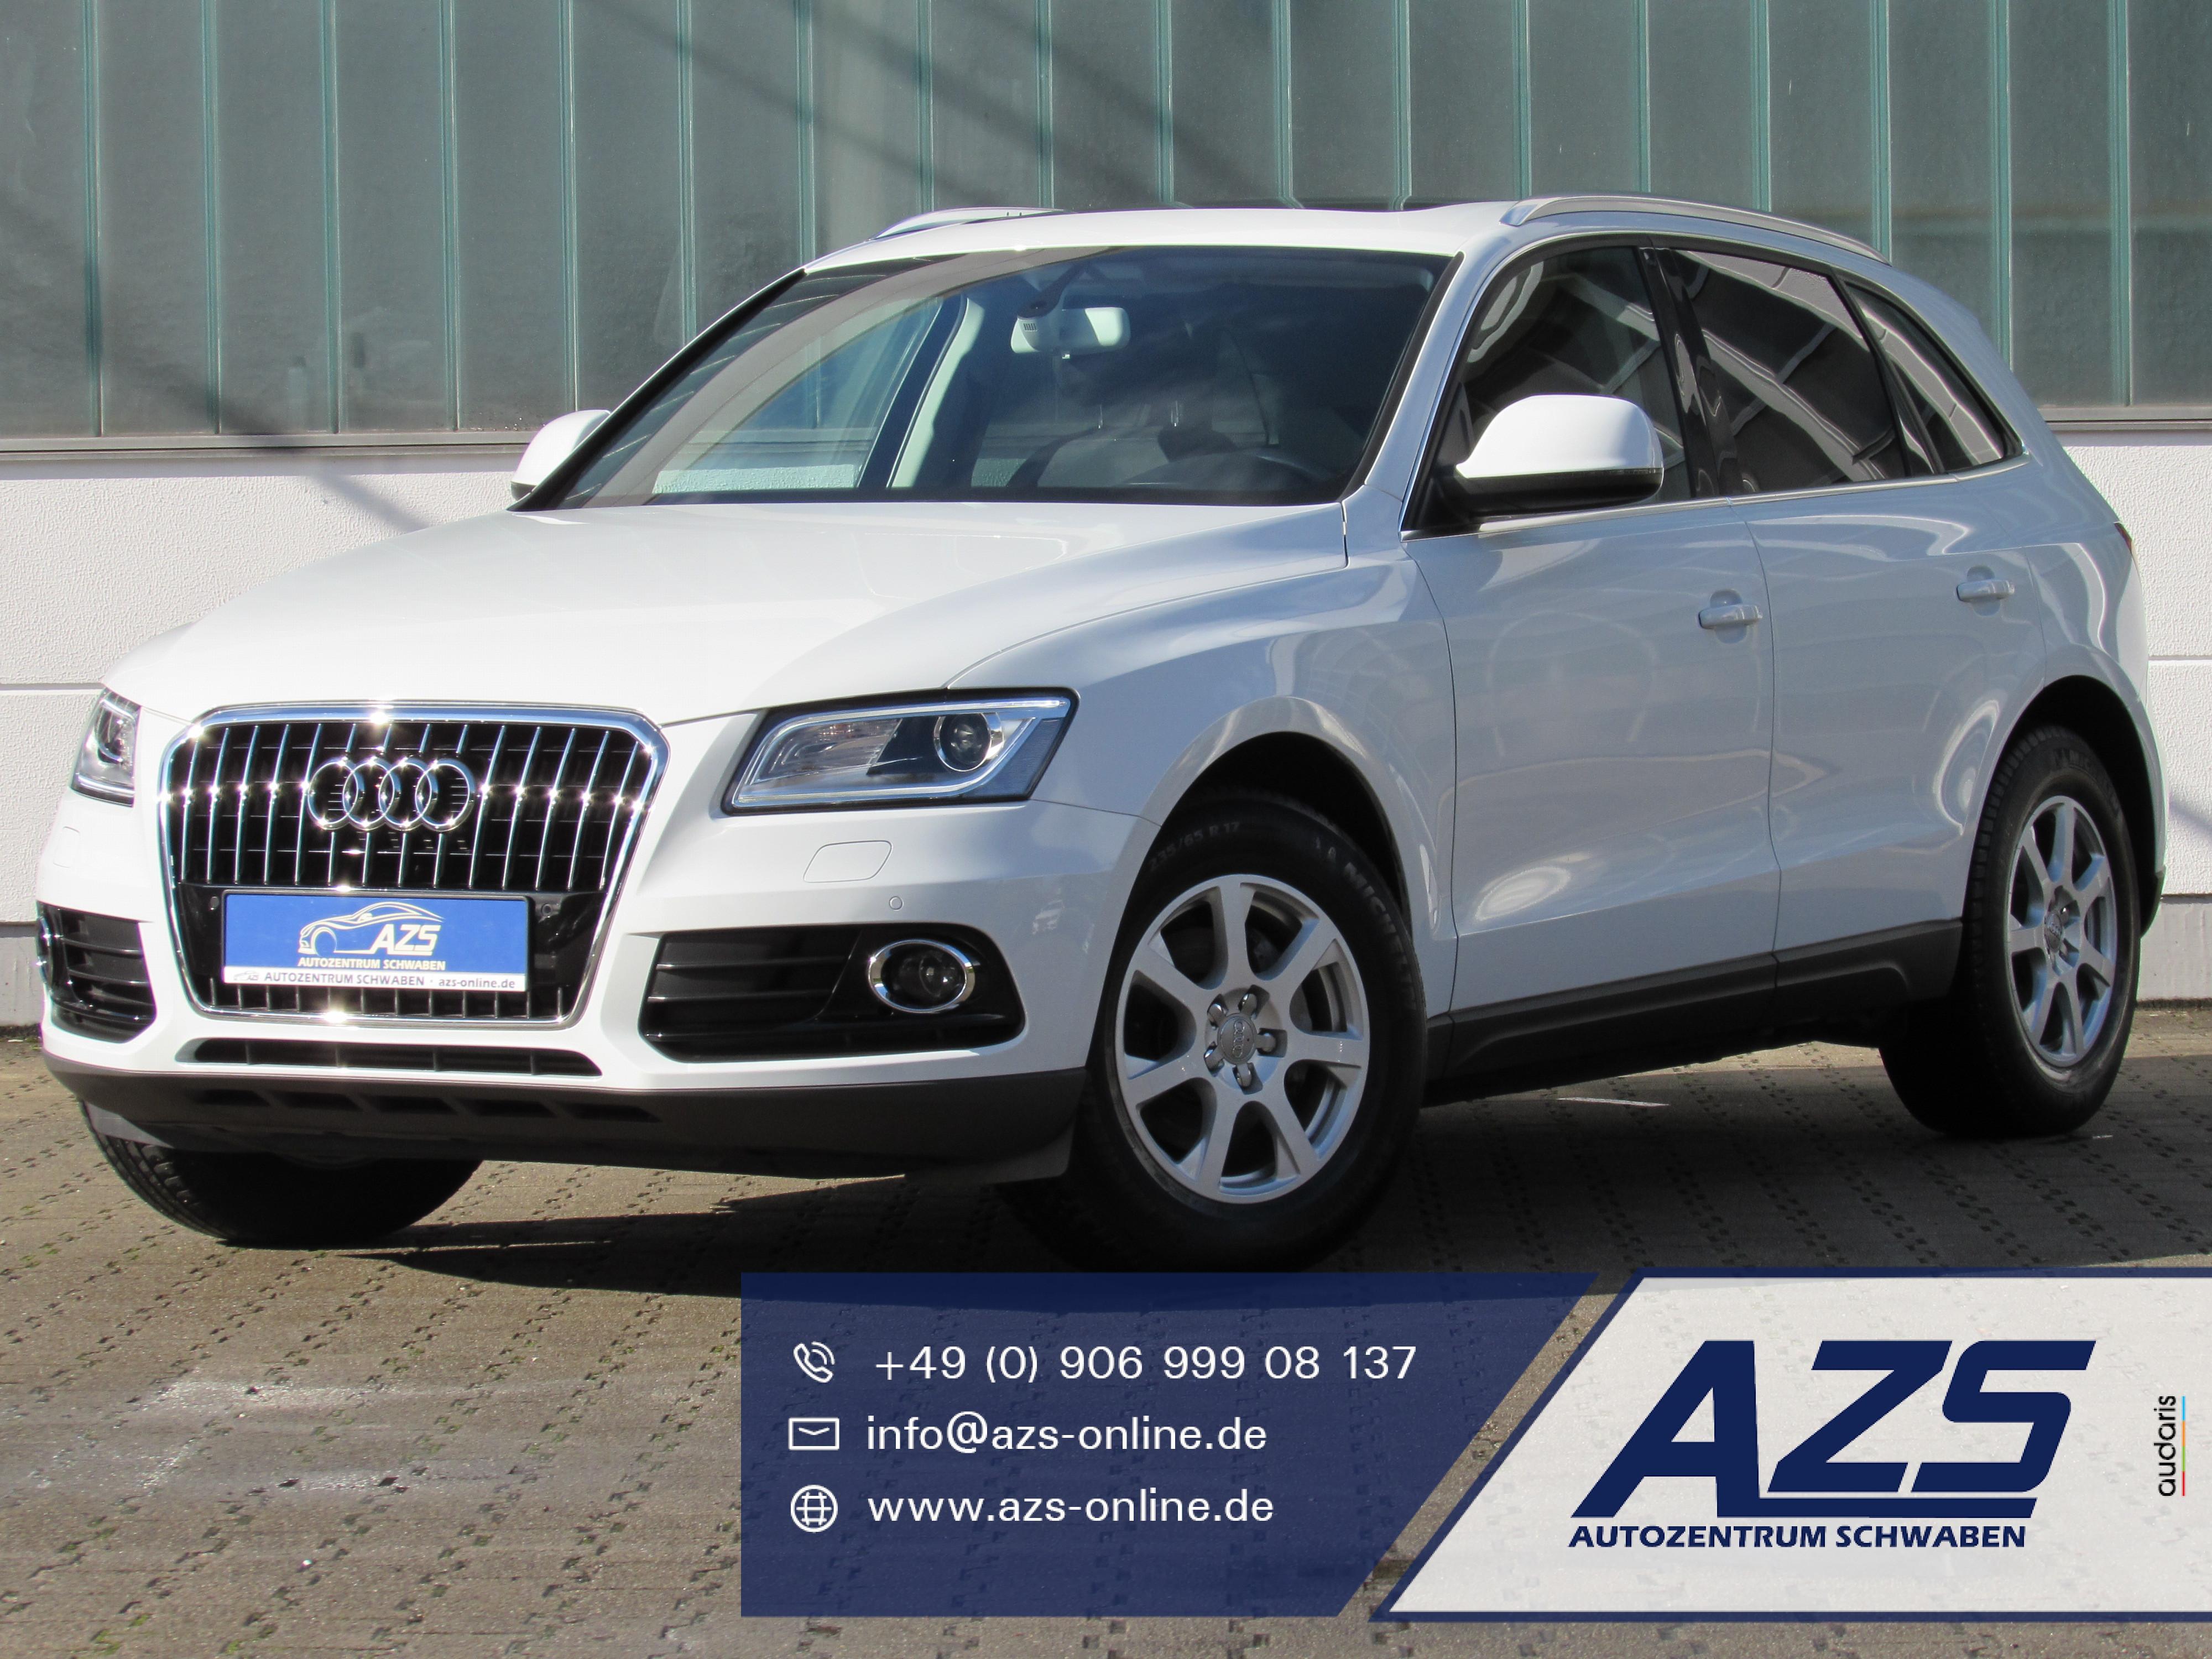 Audi Q5 2.0 TDI | Xenon | AZS-SICHERER-ONLINE-KAUF, Jahr 2013, Diesel